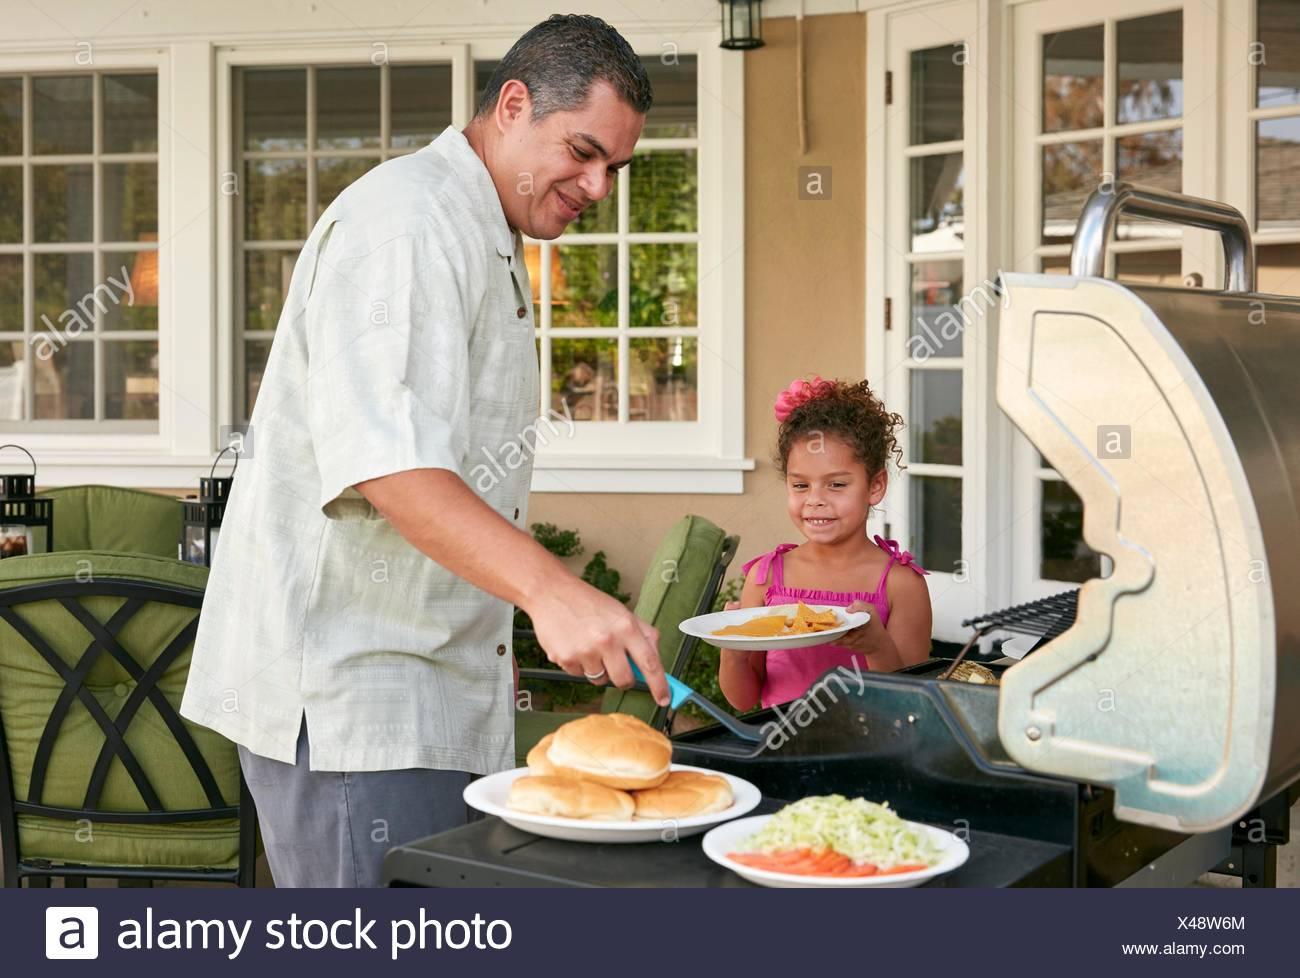 Vater und Tochter auf der Terrasse grillen Grill Essen Lächeln Stockbild